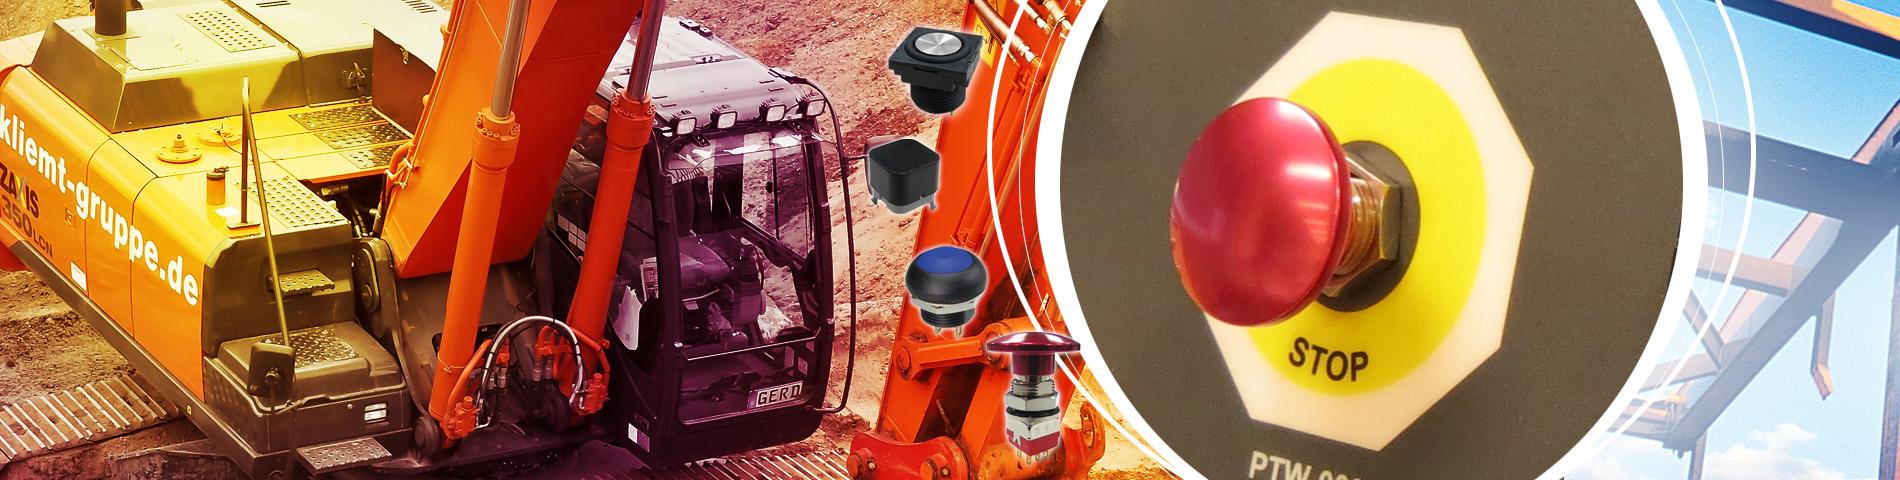 Endüstriyel endüstri -    Büyük ölçekli makineye uygulanabilir